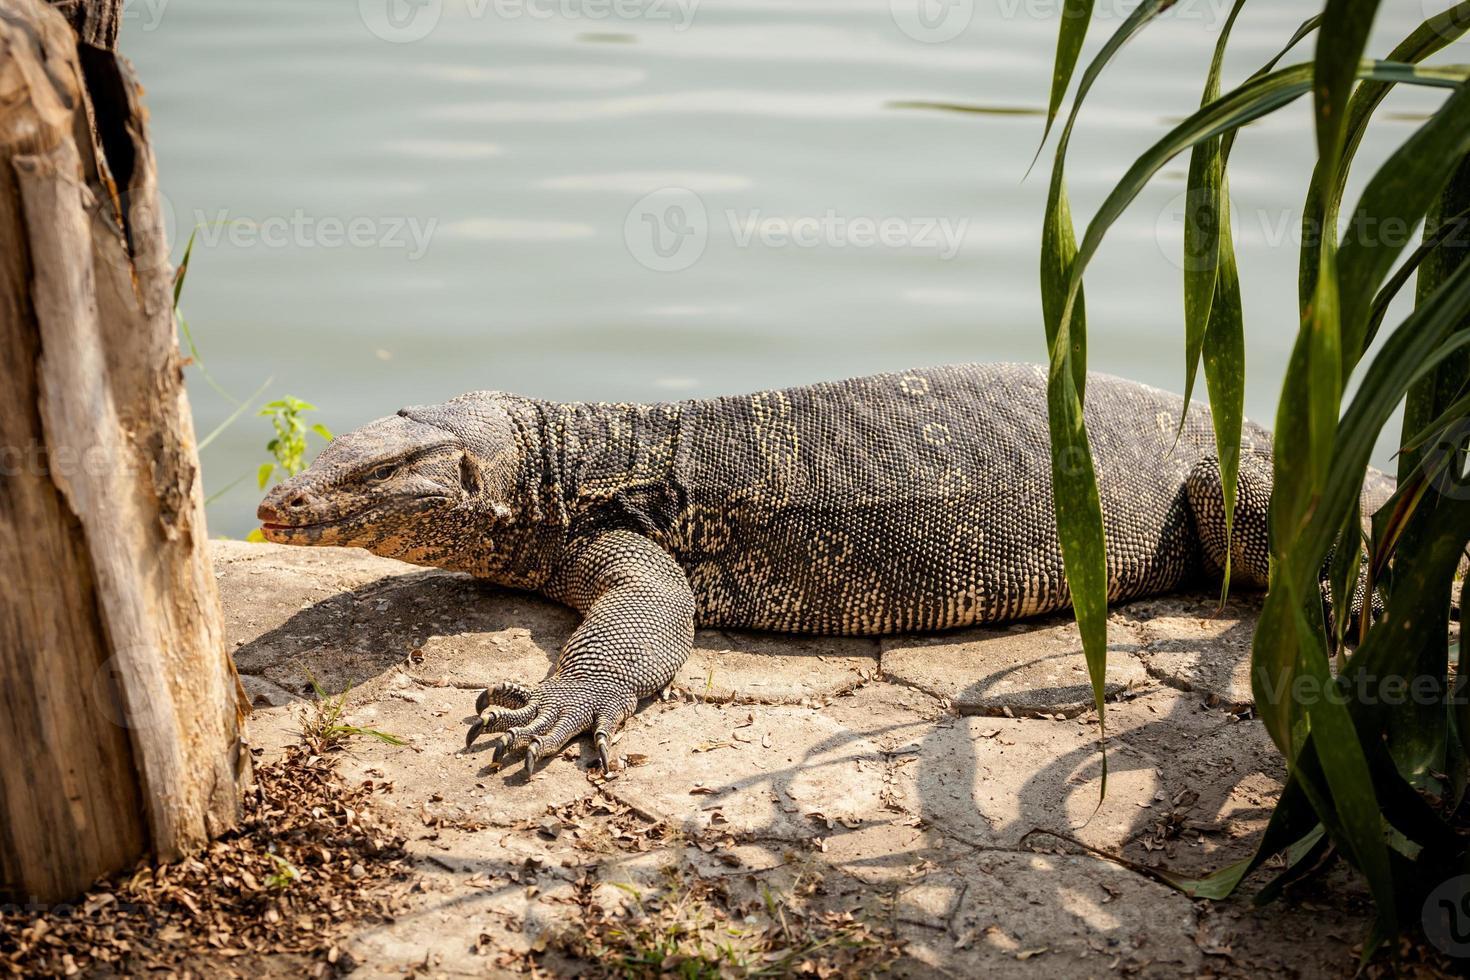 Beautiful monitor lizard inThailand photo